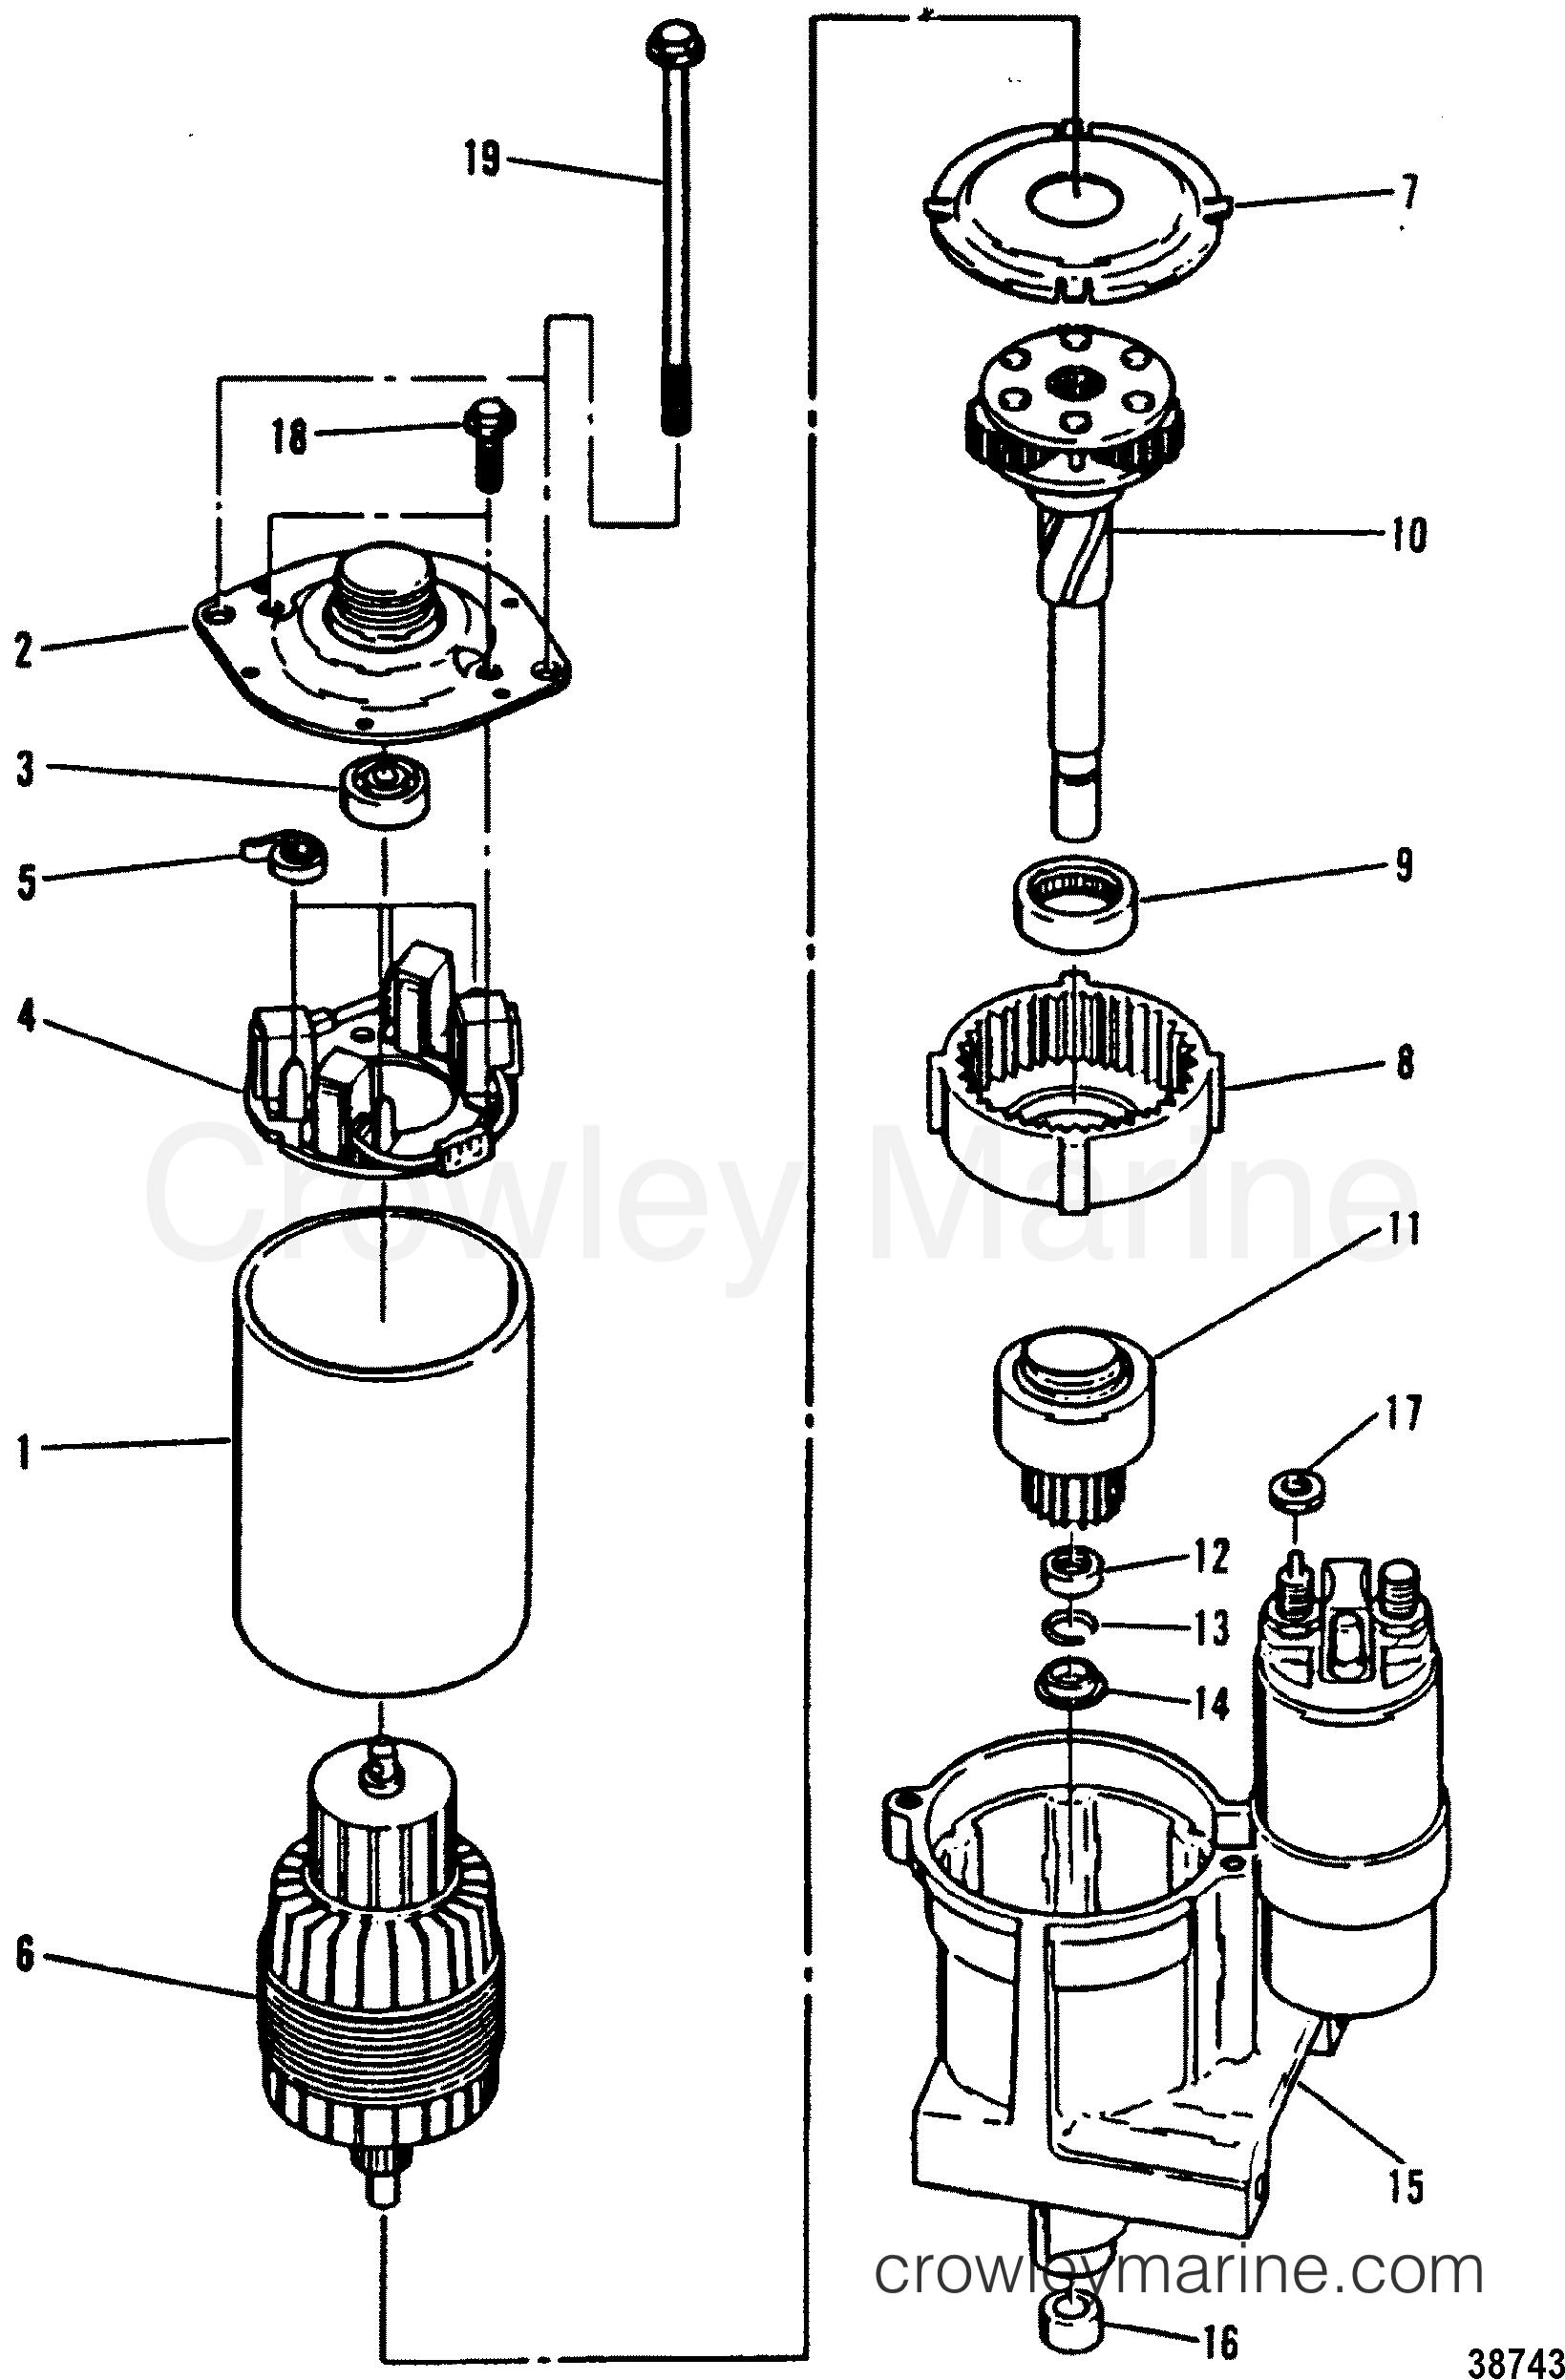 generous 4 3 mercruiser engine diagram pictures